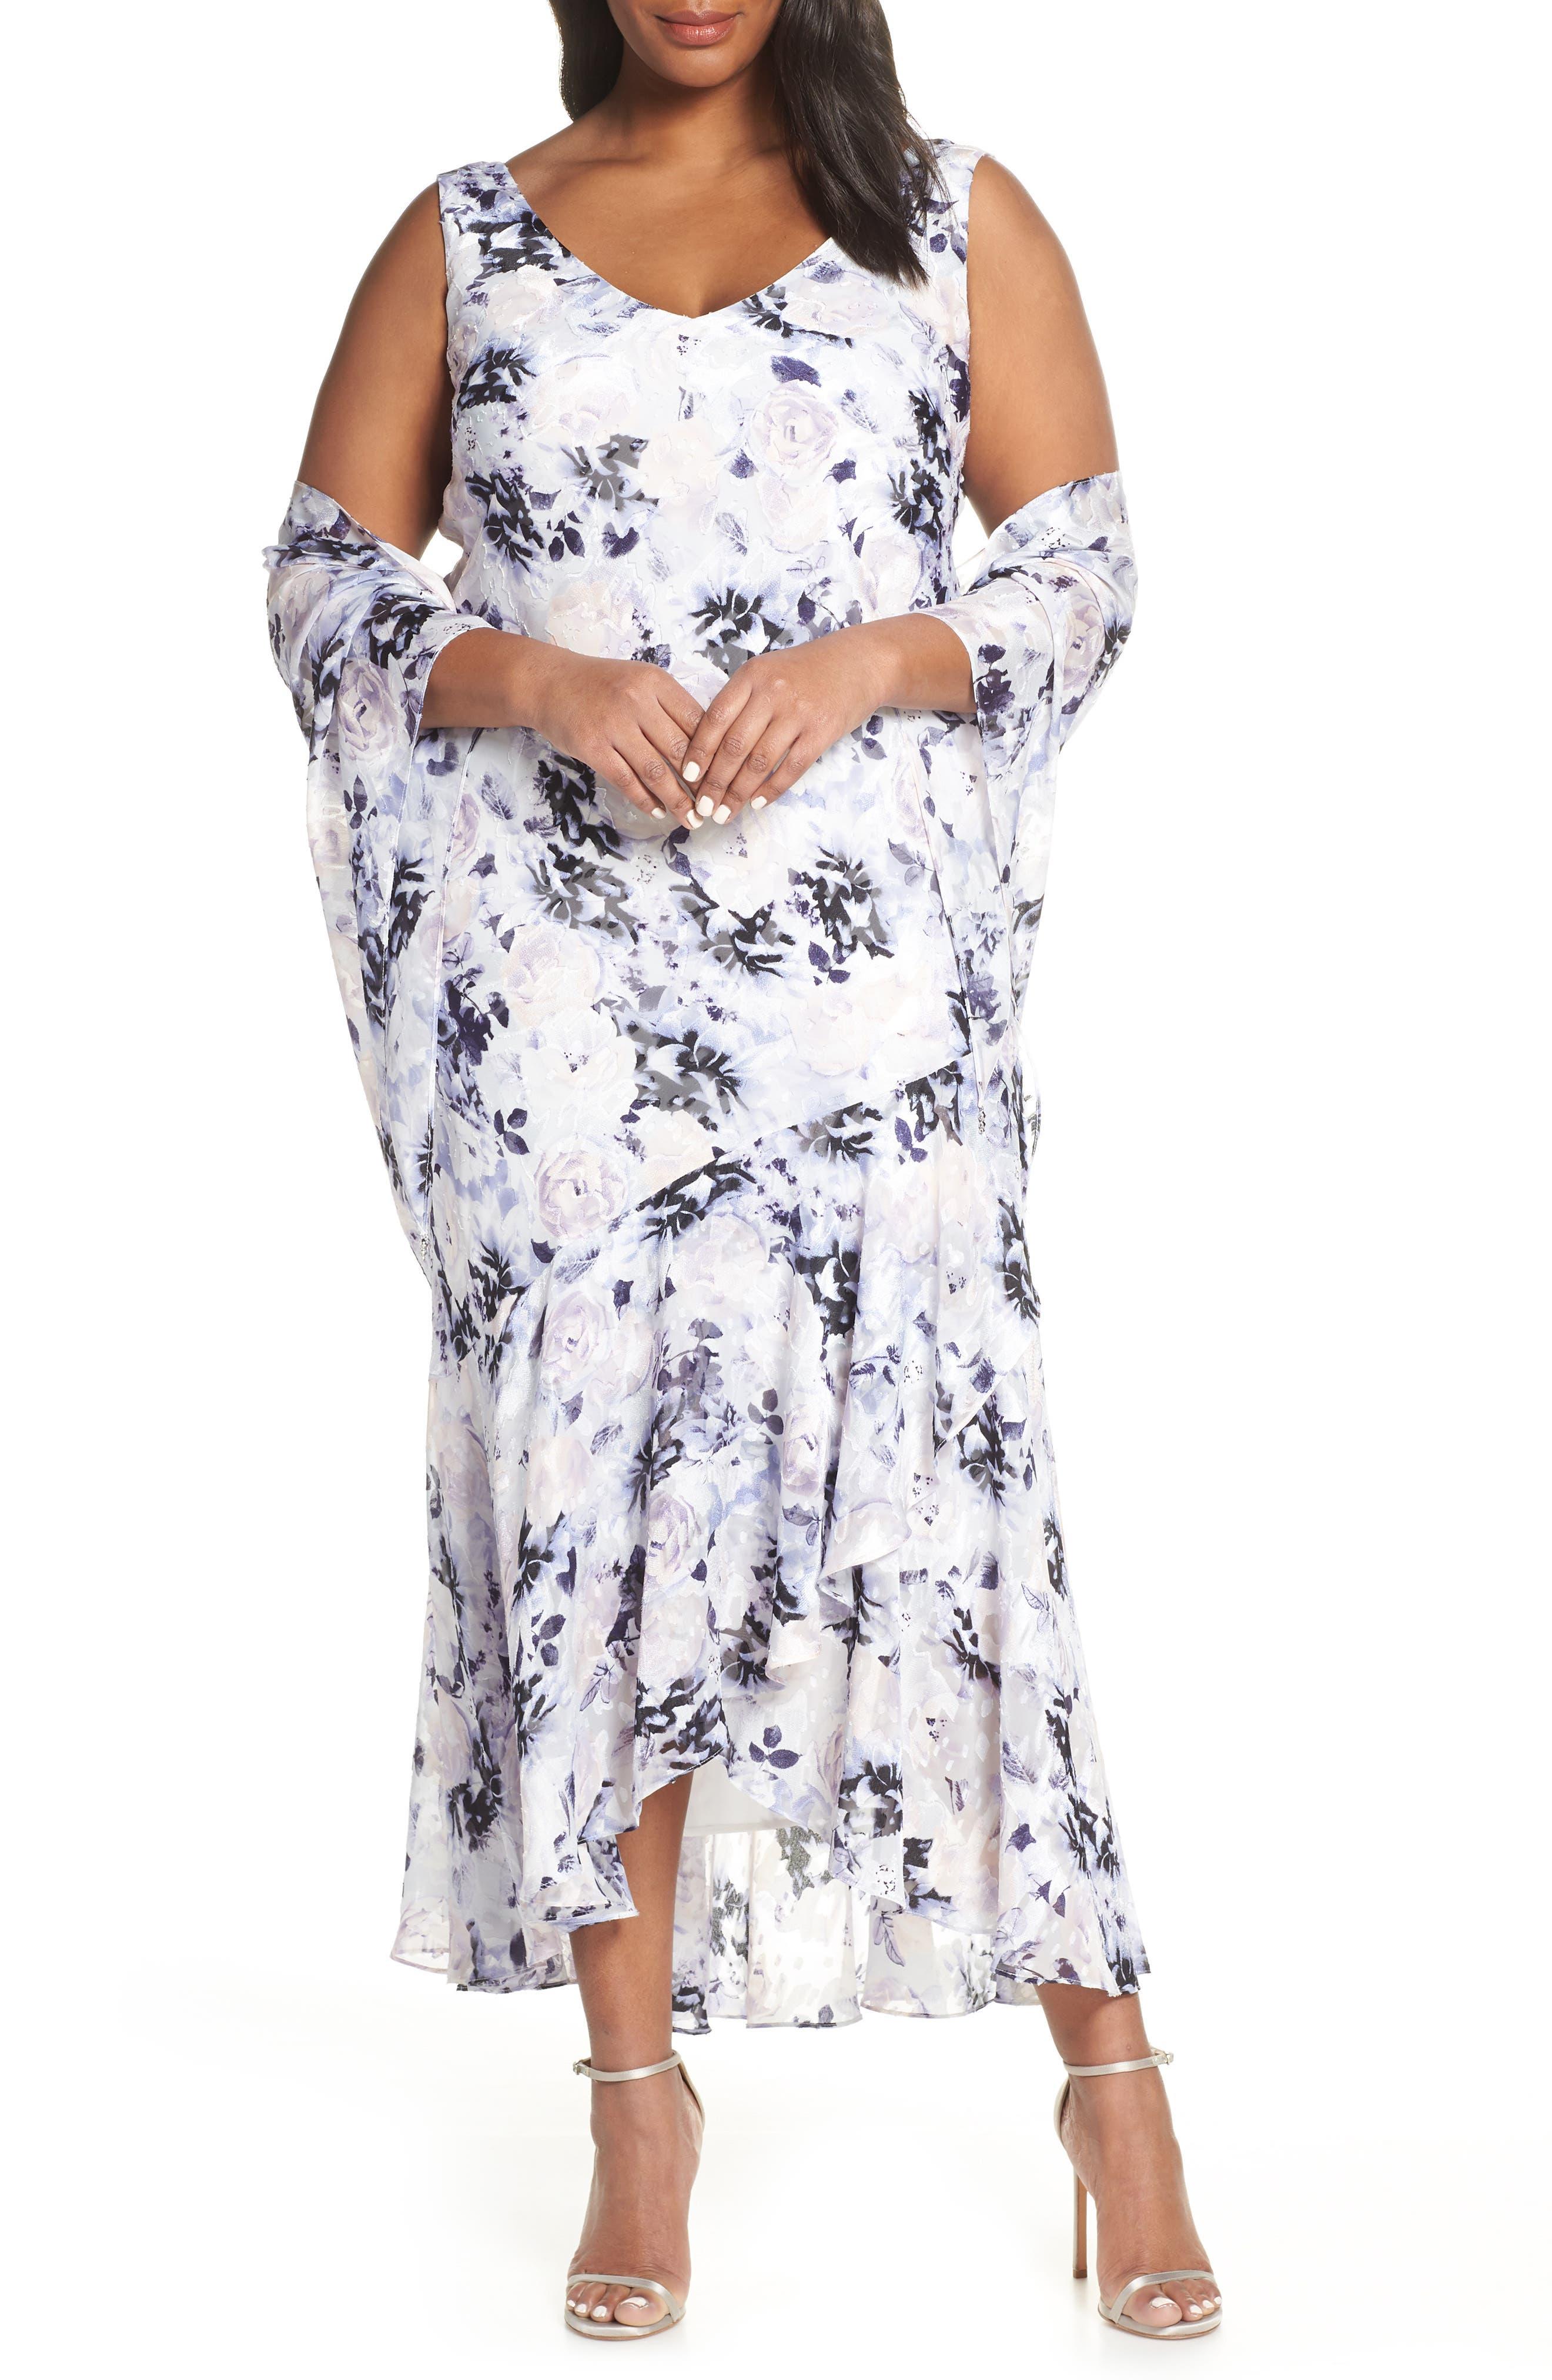 Plus Size Alex Evenings Floral Burnout High/low Chiffon Evening Dress With Wrap, Purple